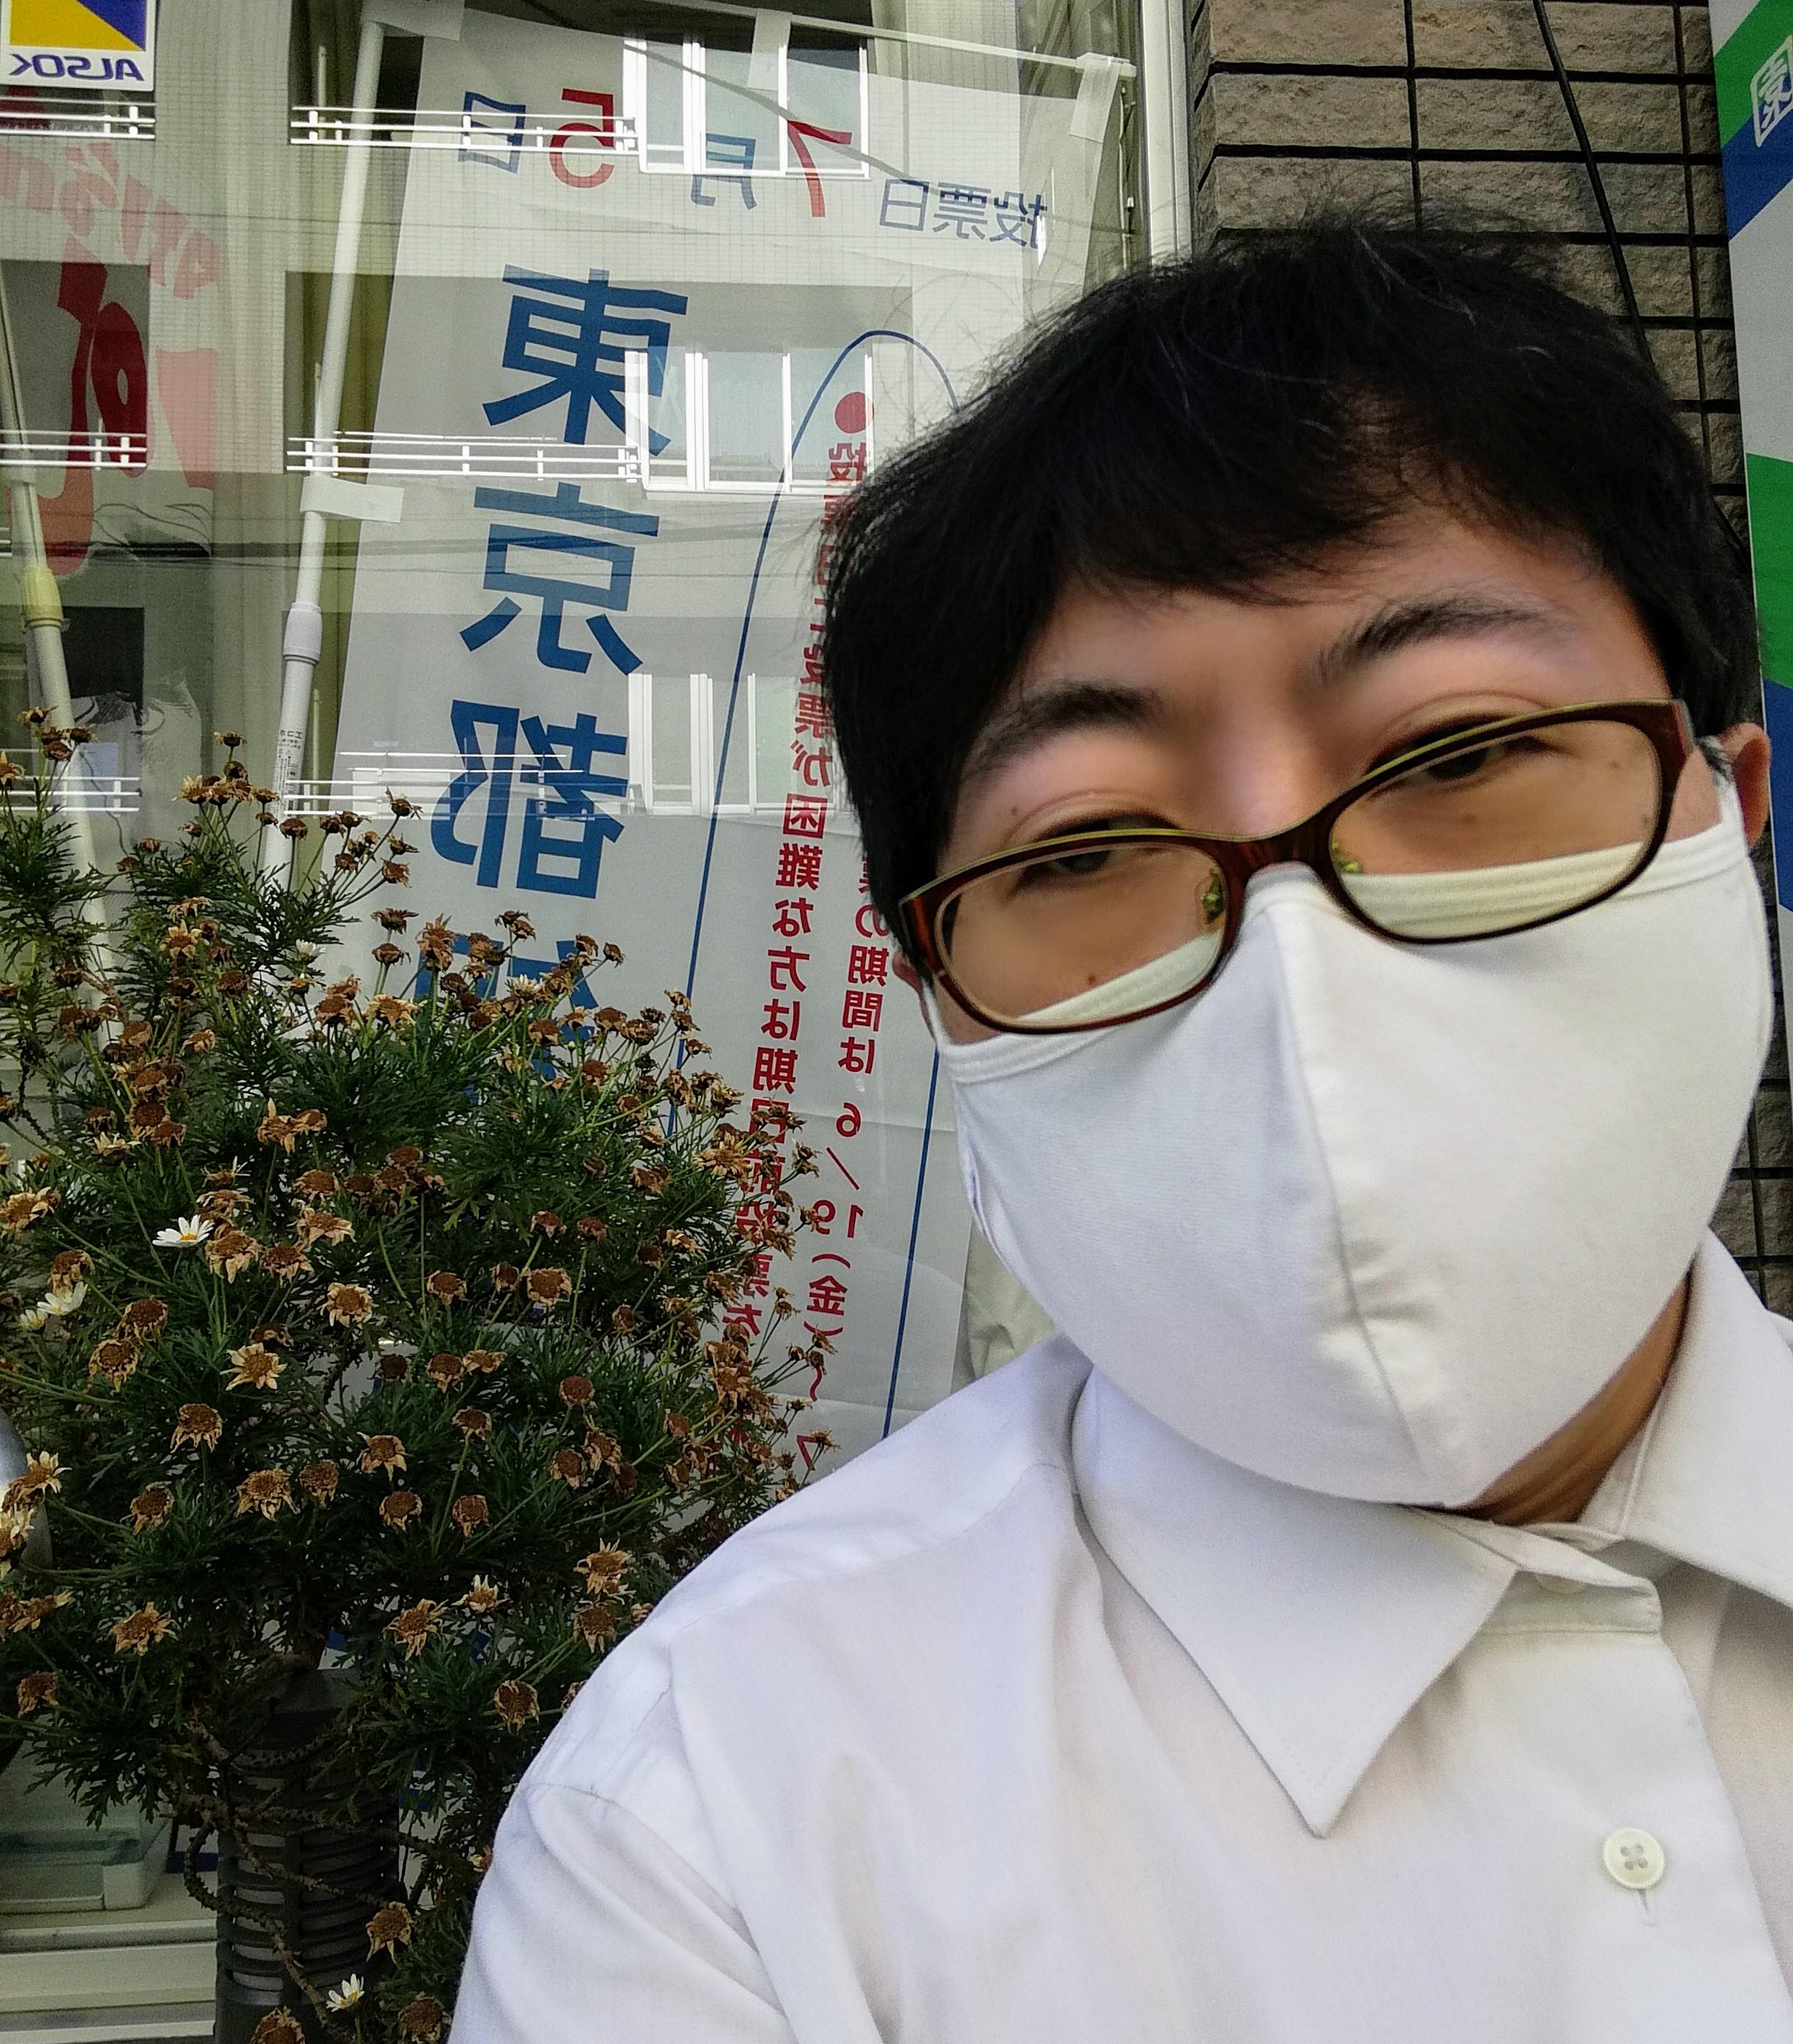 KYOJIMA(京島).NET編集者のマスクした素顔です。